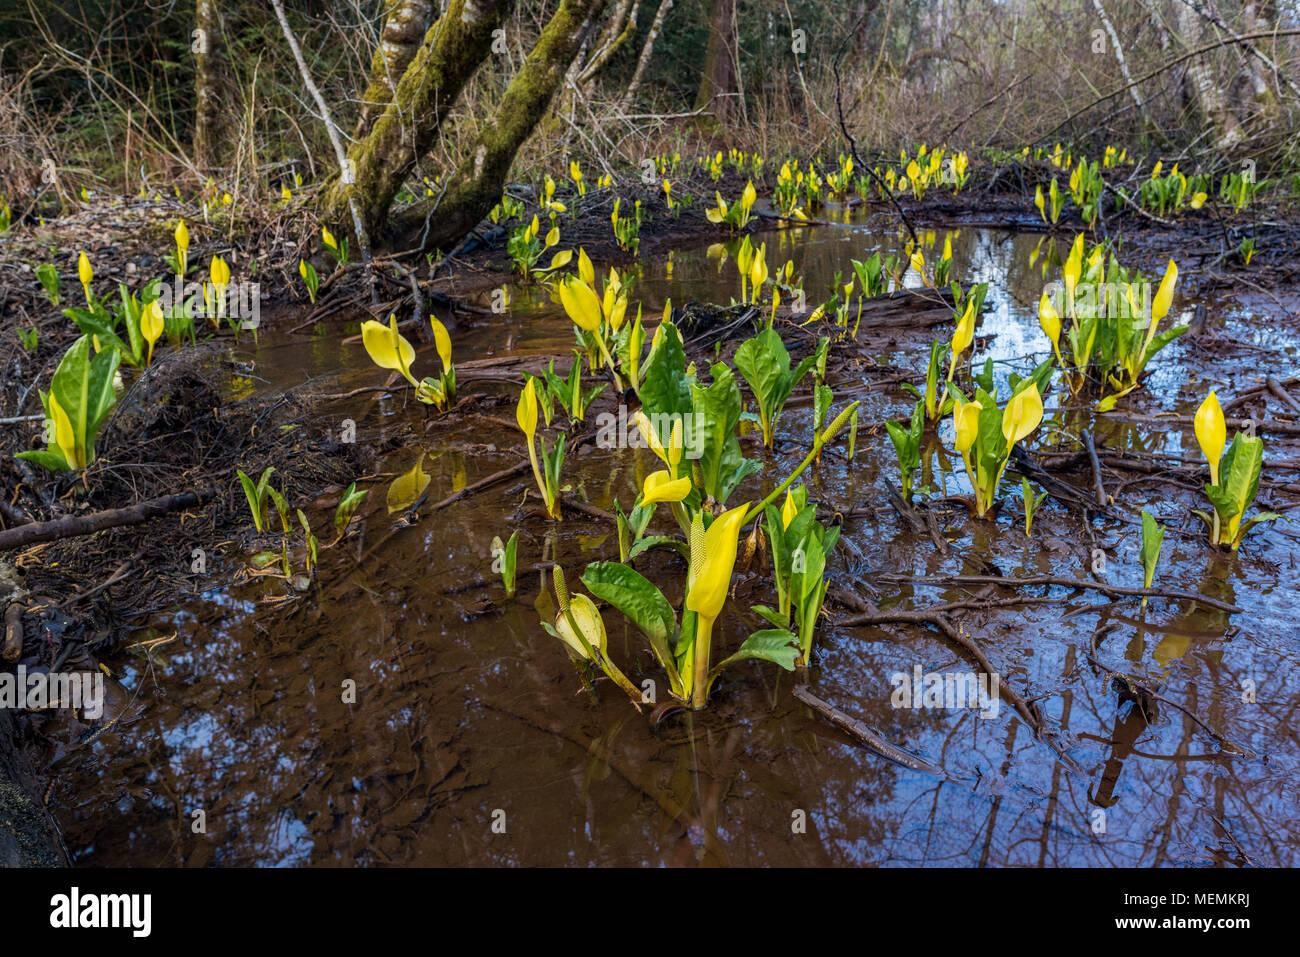 Lanternes marais aka choux fleurs, Lysichiton americanus, Cumberland Community Forest, Cumberland, l'île de Vancouver, Colombie-Britannique, Canada. Banque D'Images